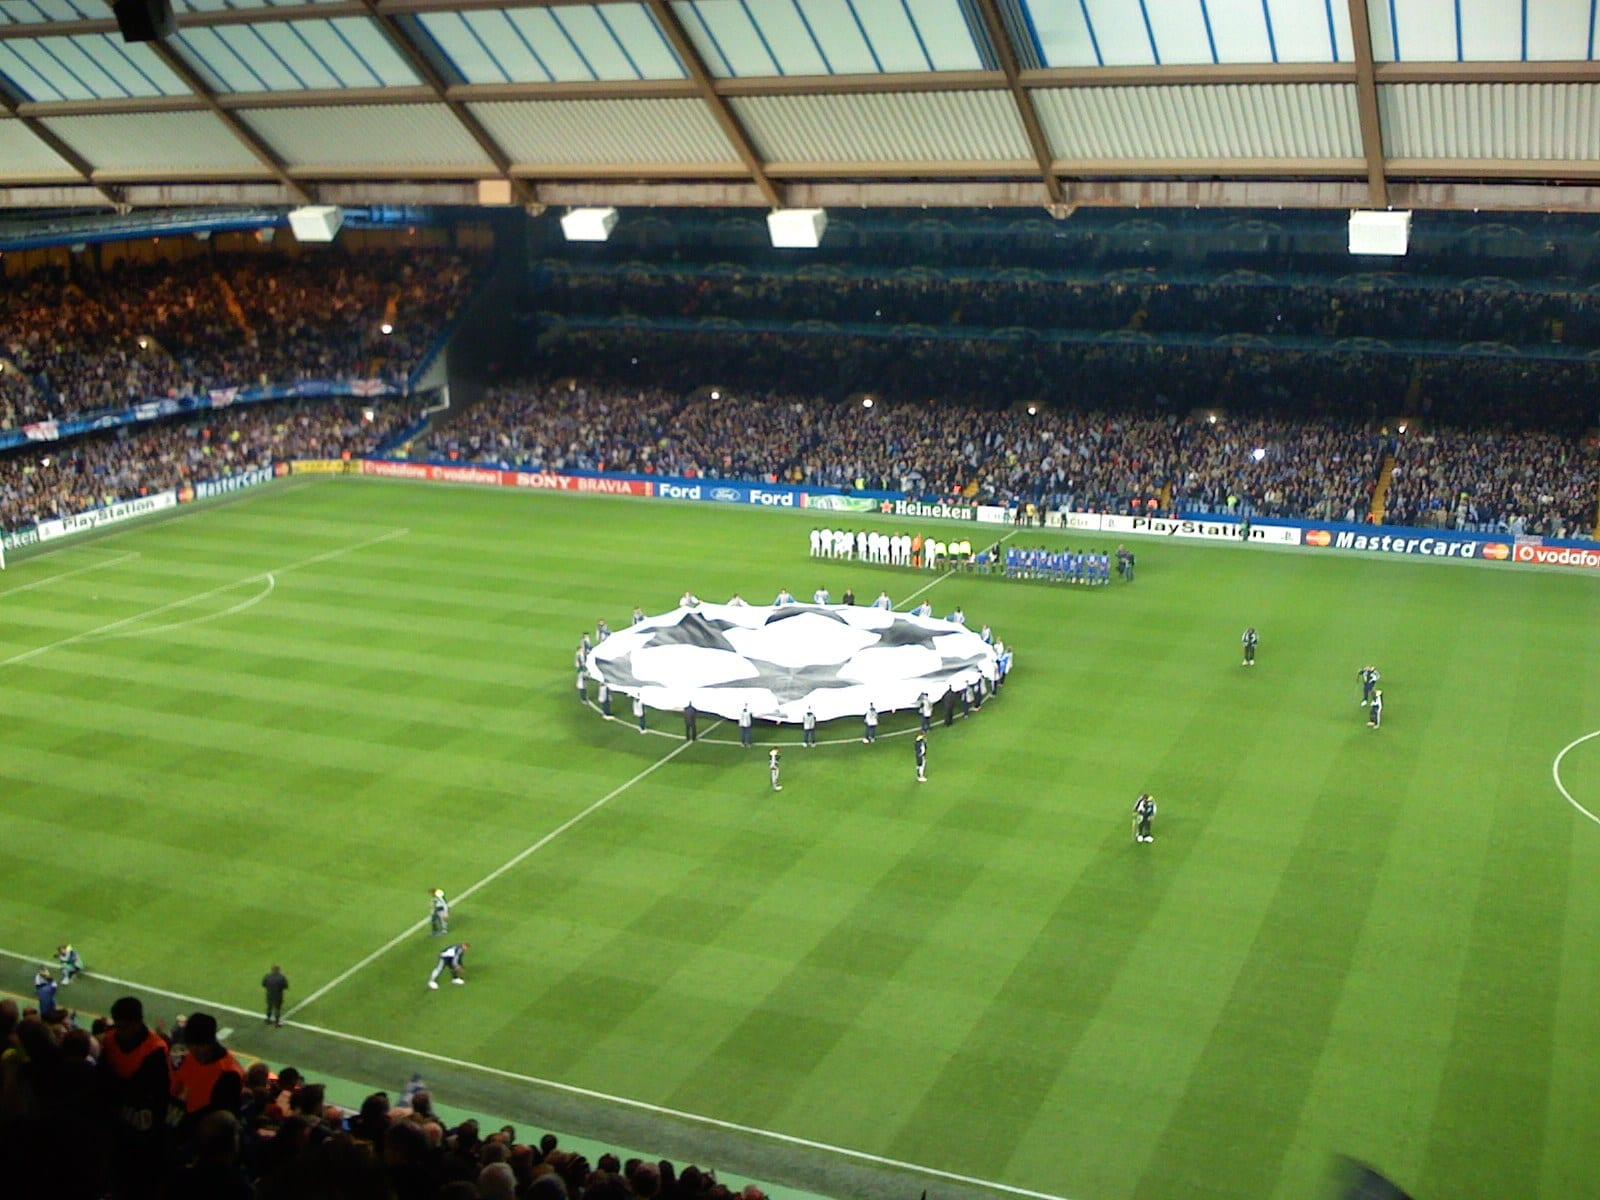 Horario para ver el equipo en el Stamford Bridge